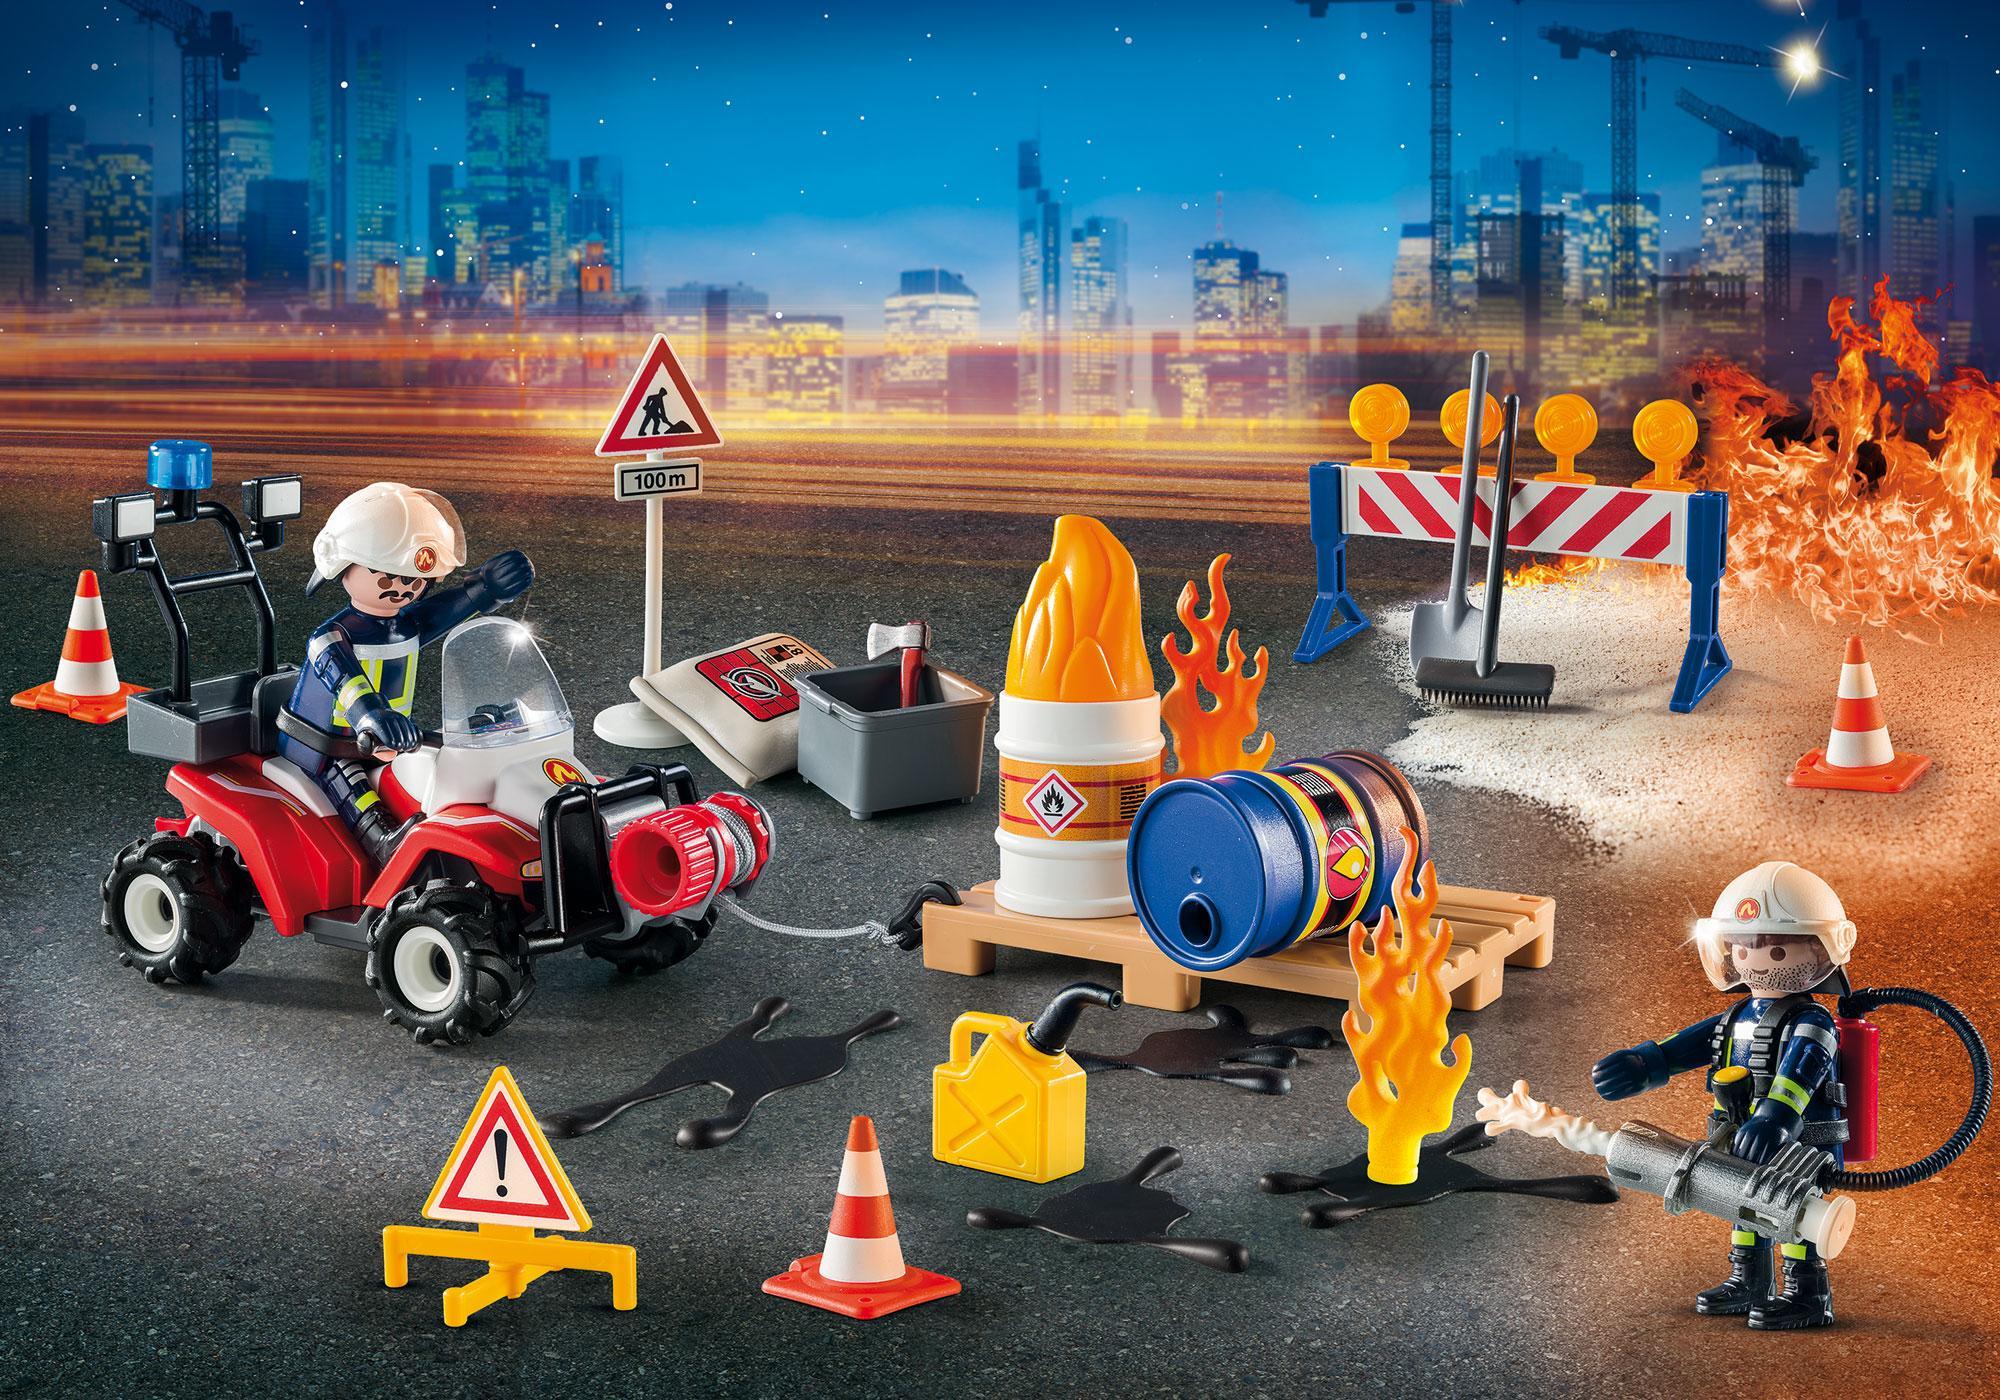 http://media.playmobil.com/i/playmobil/9486_product_extra1/Advent Calendar - Construction Site Fire Rescue